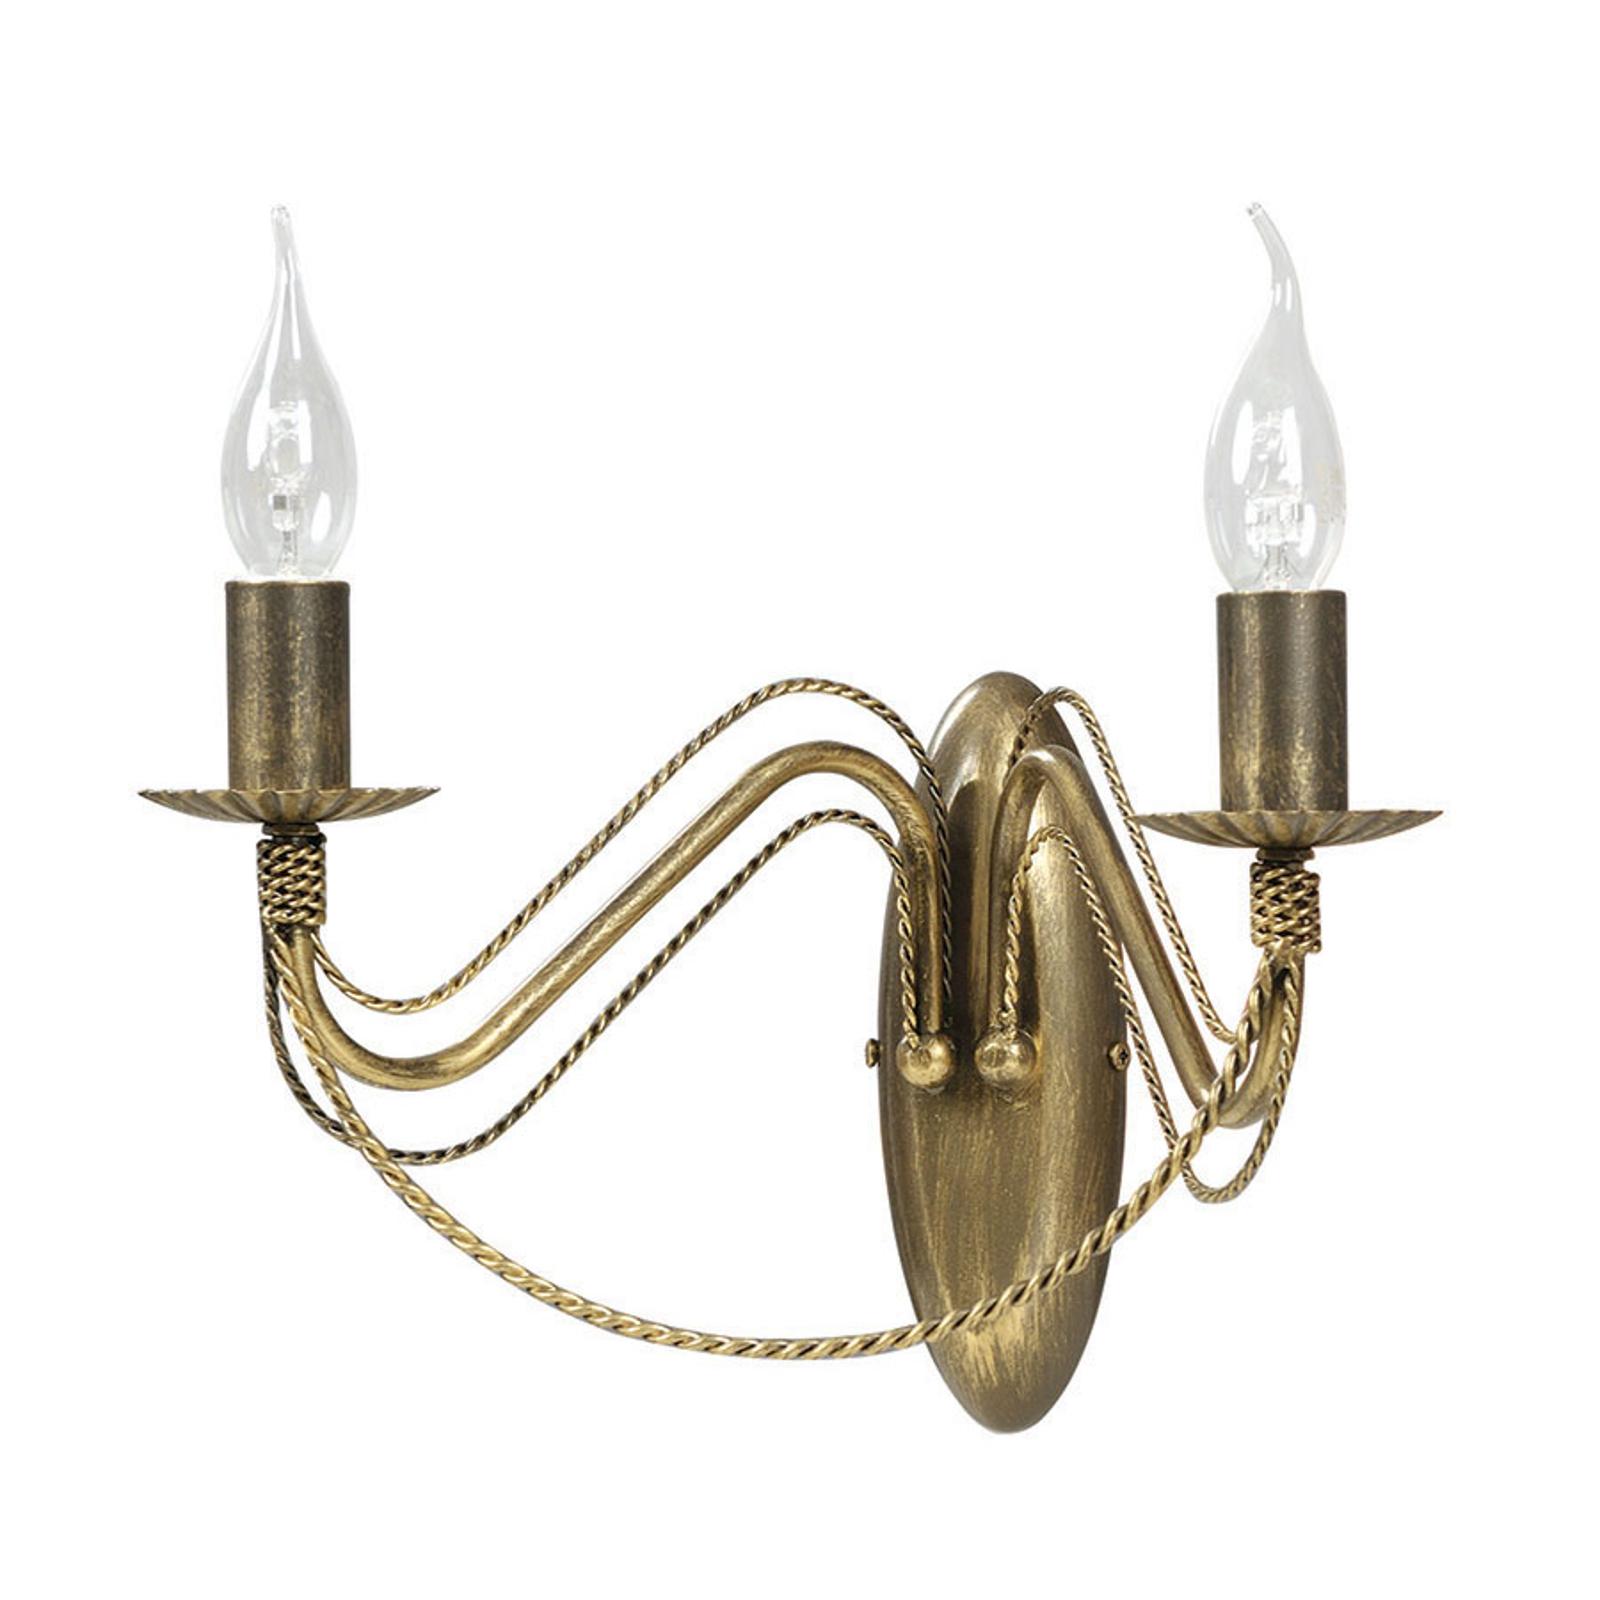 Kinkiet Tori K2 w kształcie świecznika, złoty